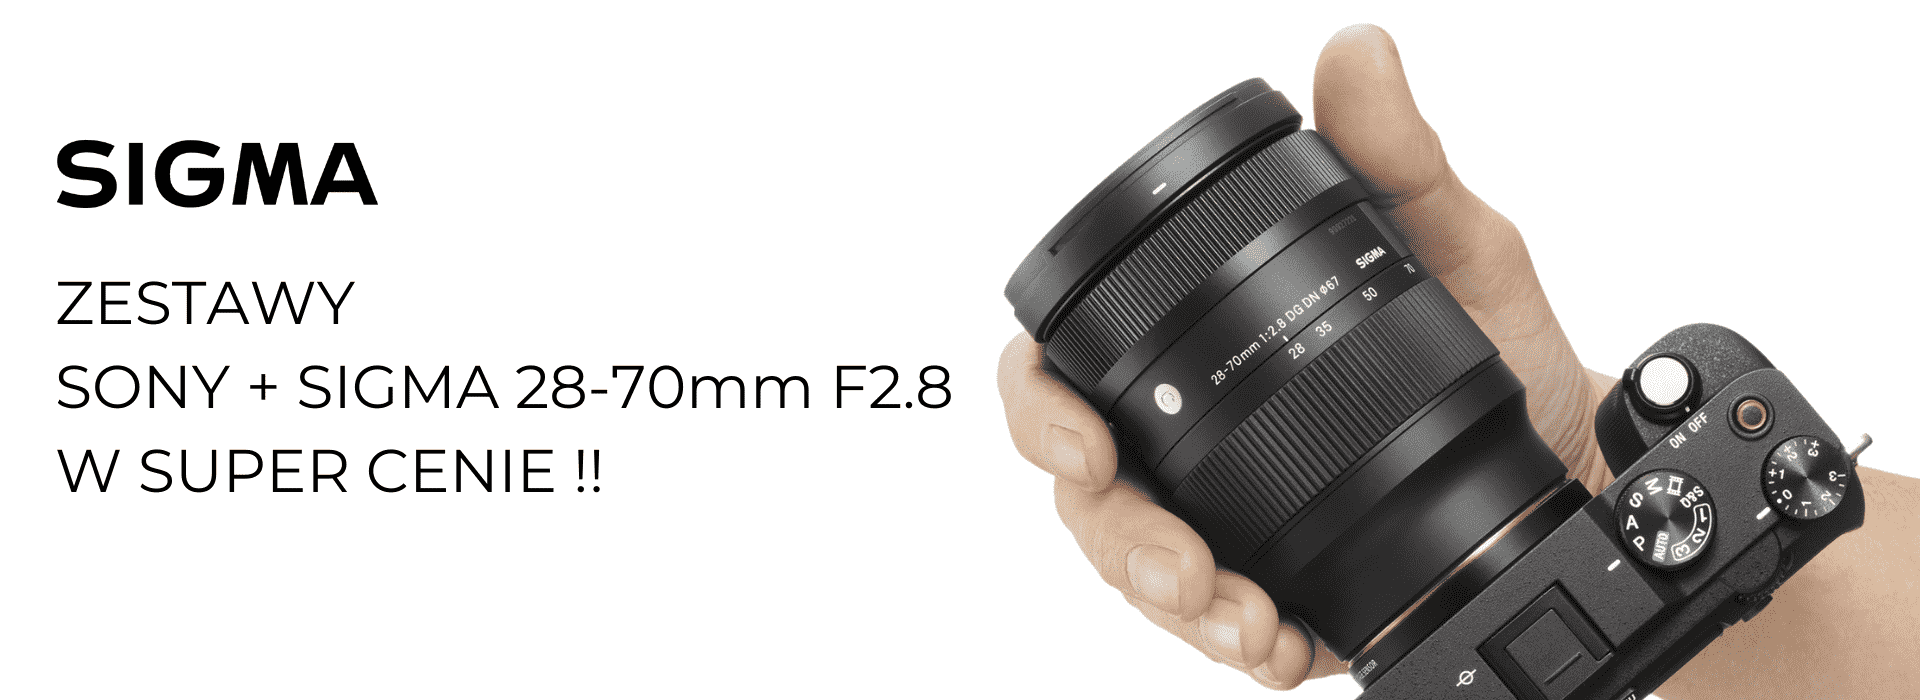 Zestaw Sony + Sigma 28-70mm F2.8 w SUPER CENIE!